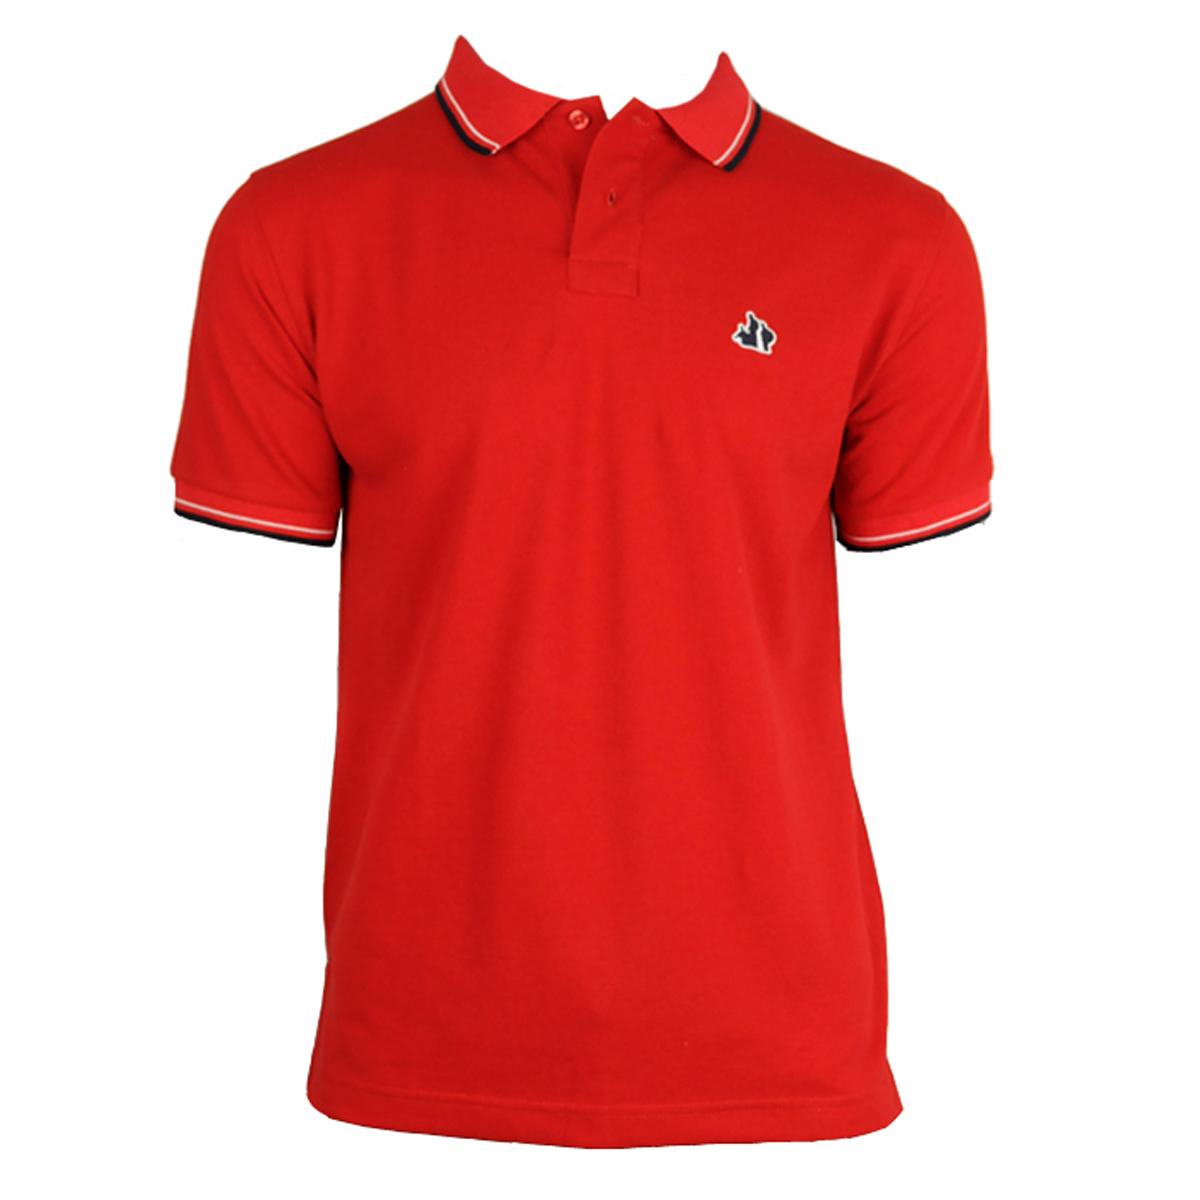 Mens polo t shirts xxl for Xxl mens polo shirts